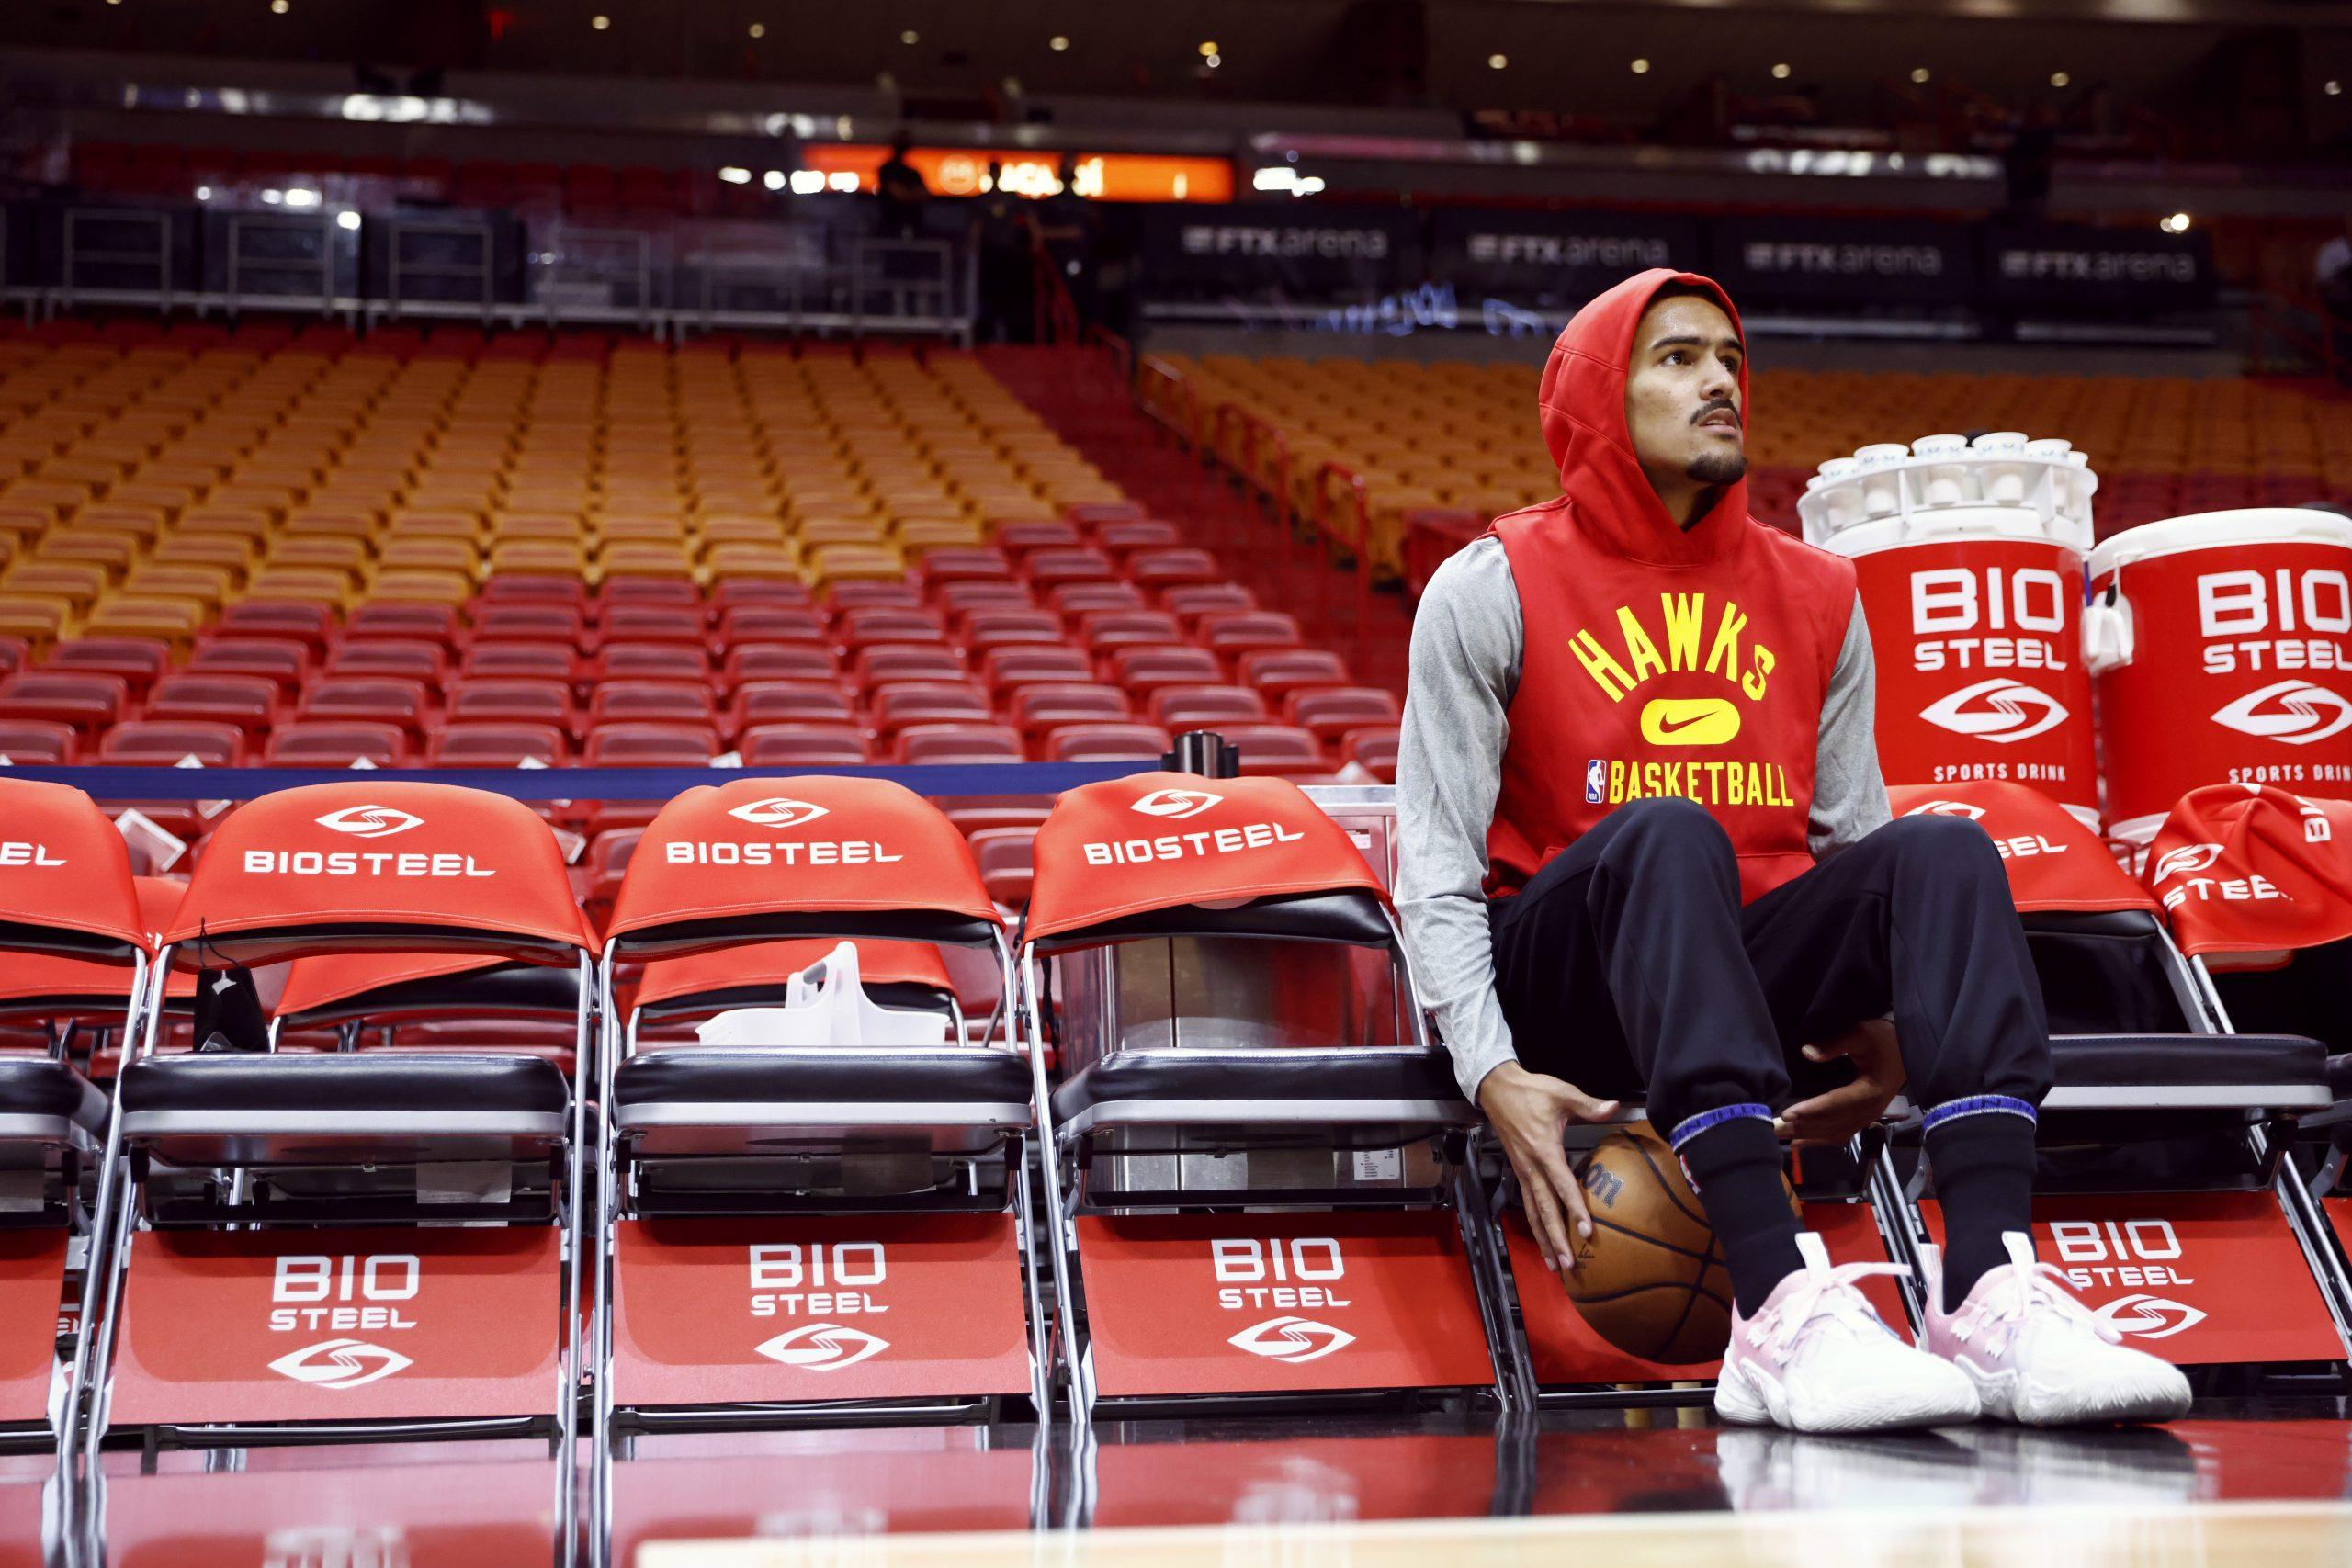 Scottie Barnes zapowiada się świetnie, debiut Lowry'ego w Heat, Curry dalej ma to coś